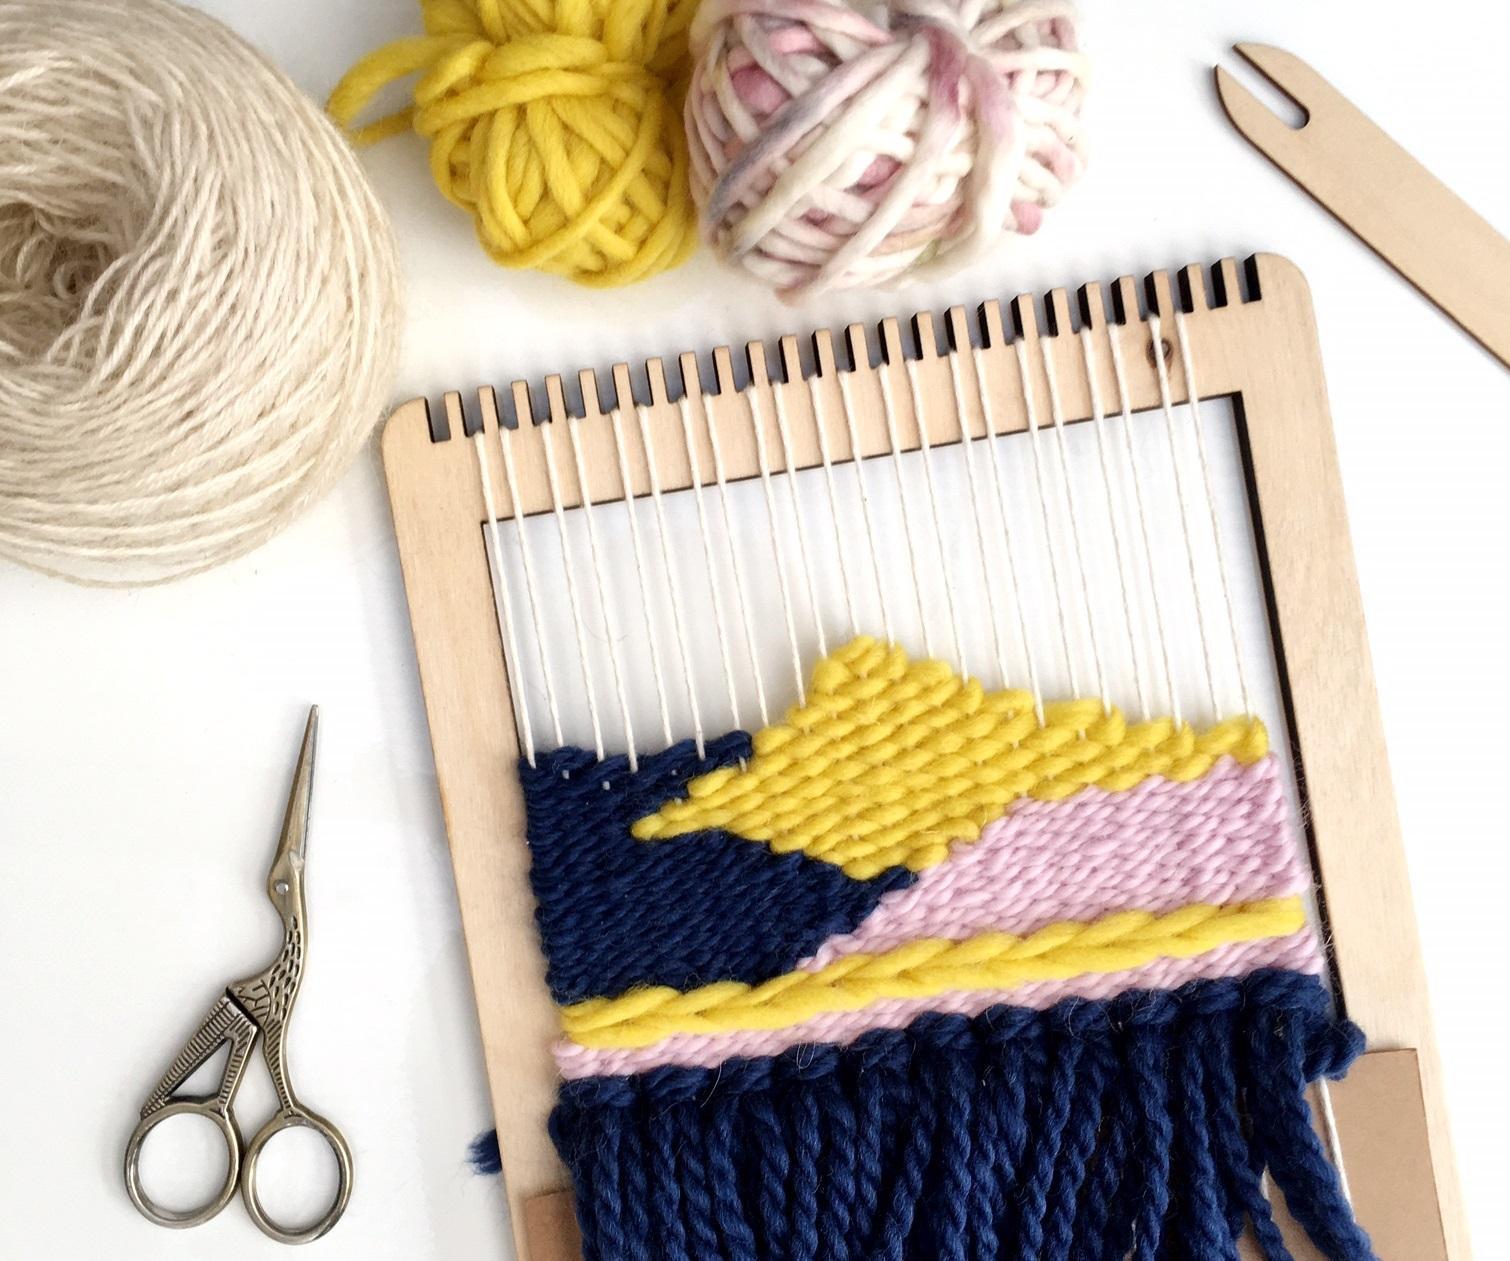 Craft Sunday: Coastal Weaving with Le Petit Moose